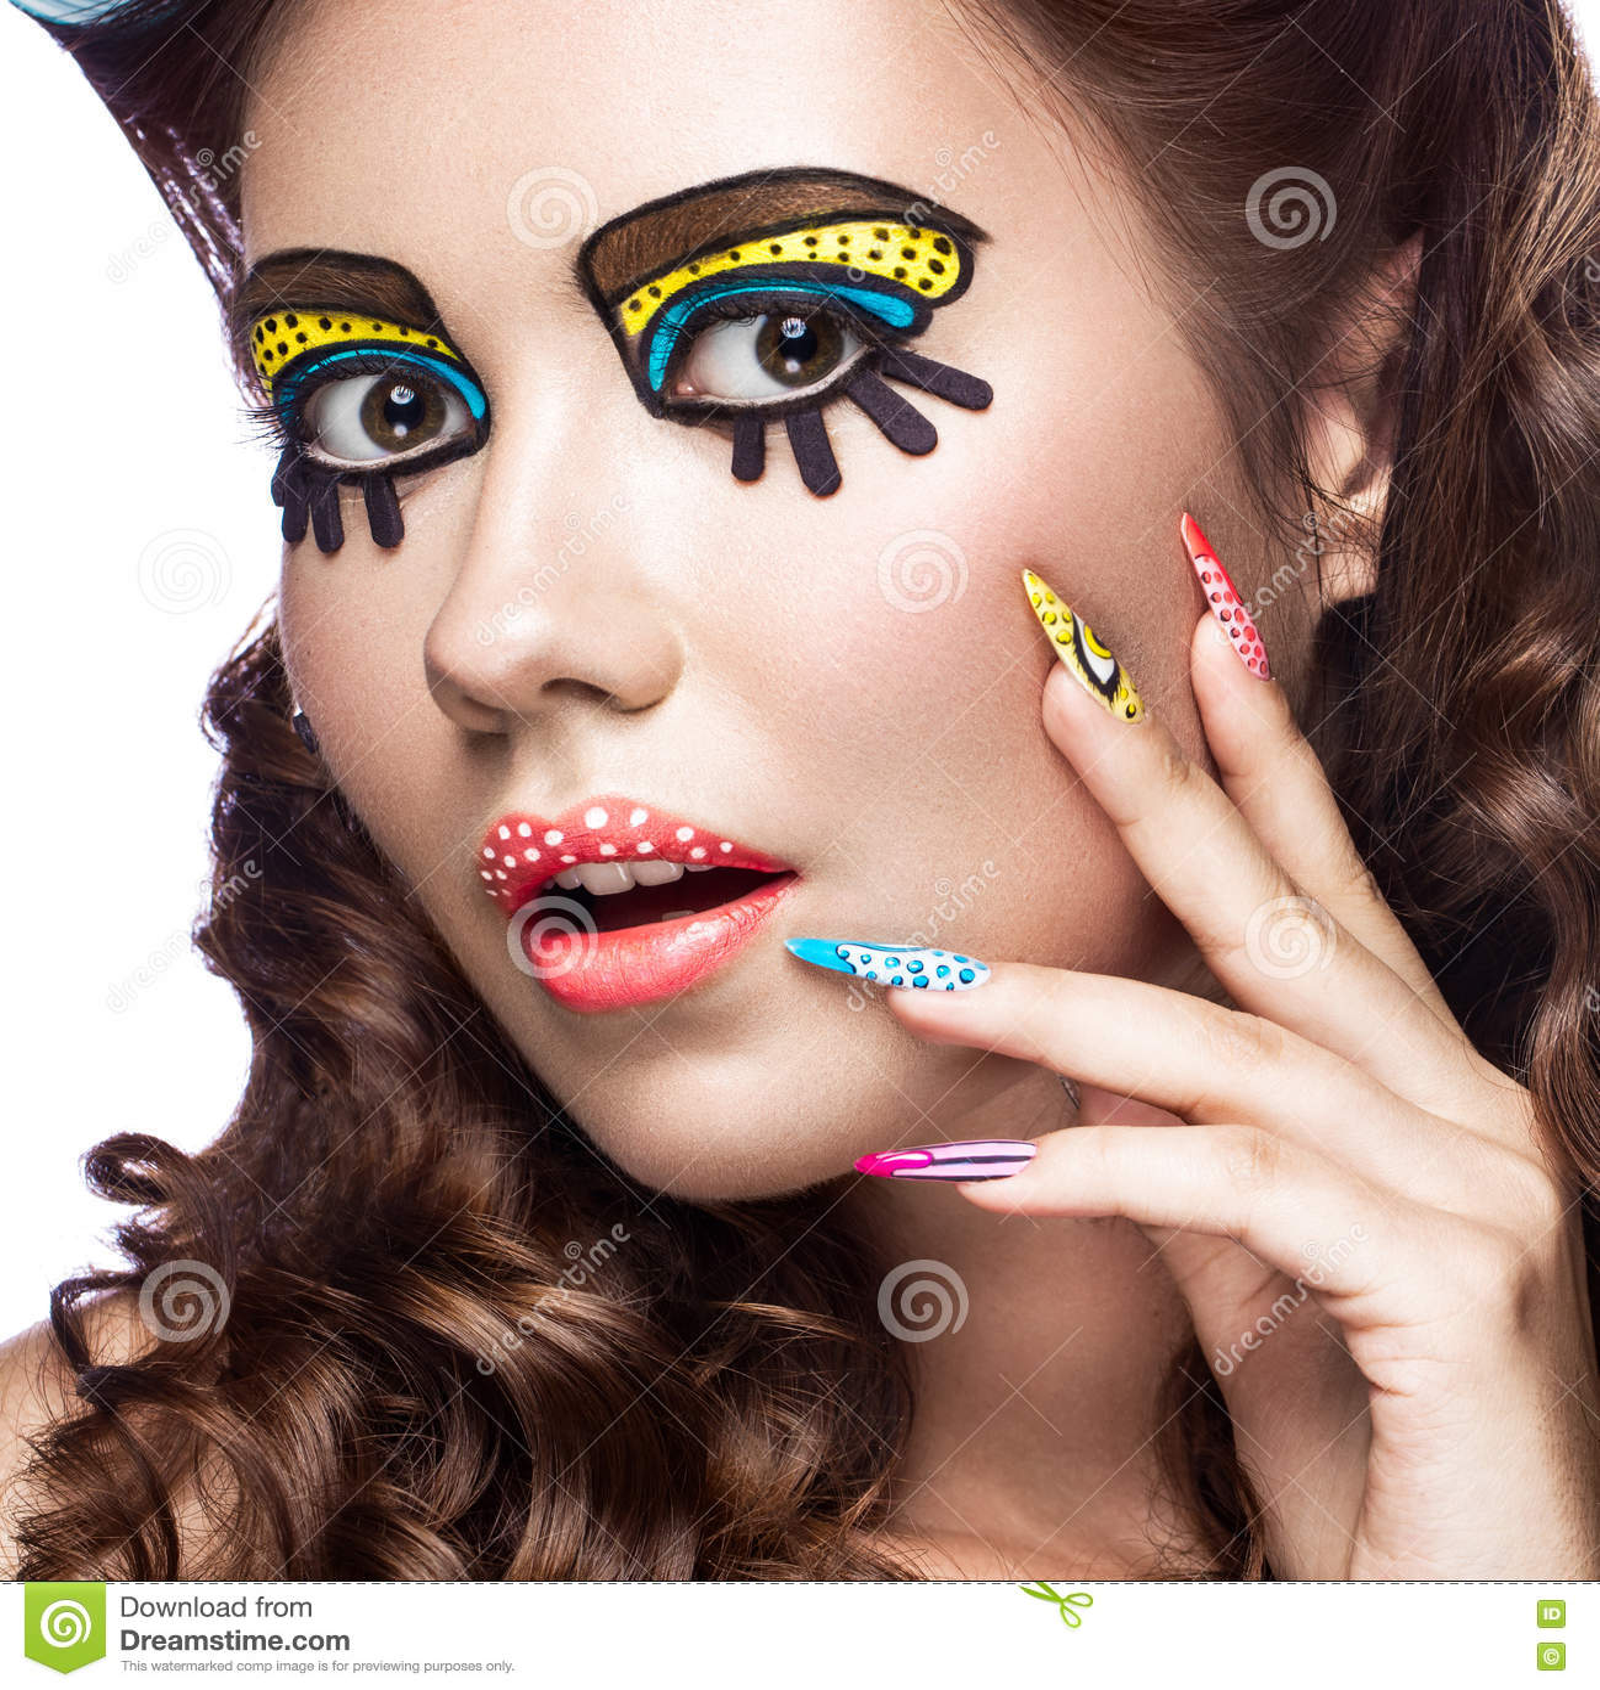 Φωτογραφία της έκπληκτης νέας γυναίκας με την επαγγελματικά κωμικά λαϊκά σύνθεση τέχνης και το μανικιούρ σχεδίου Δημιουργικό ύφος